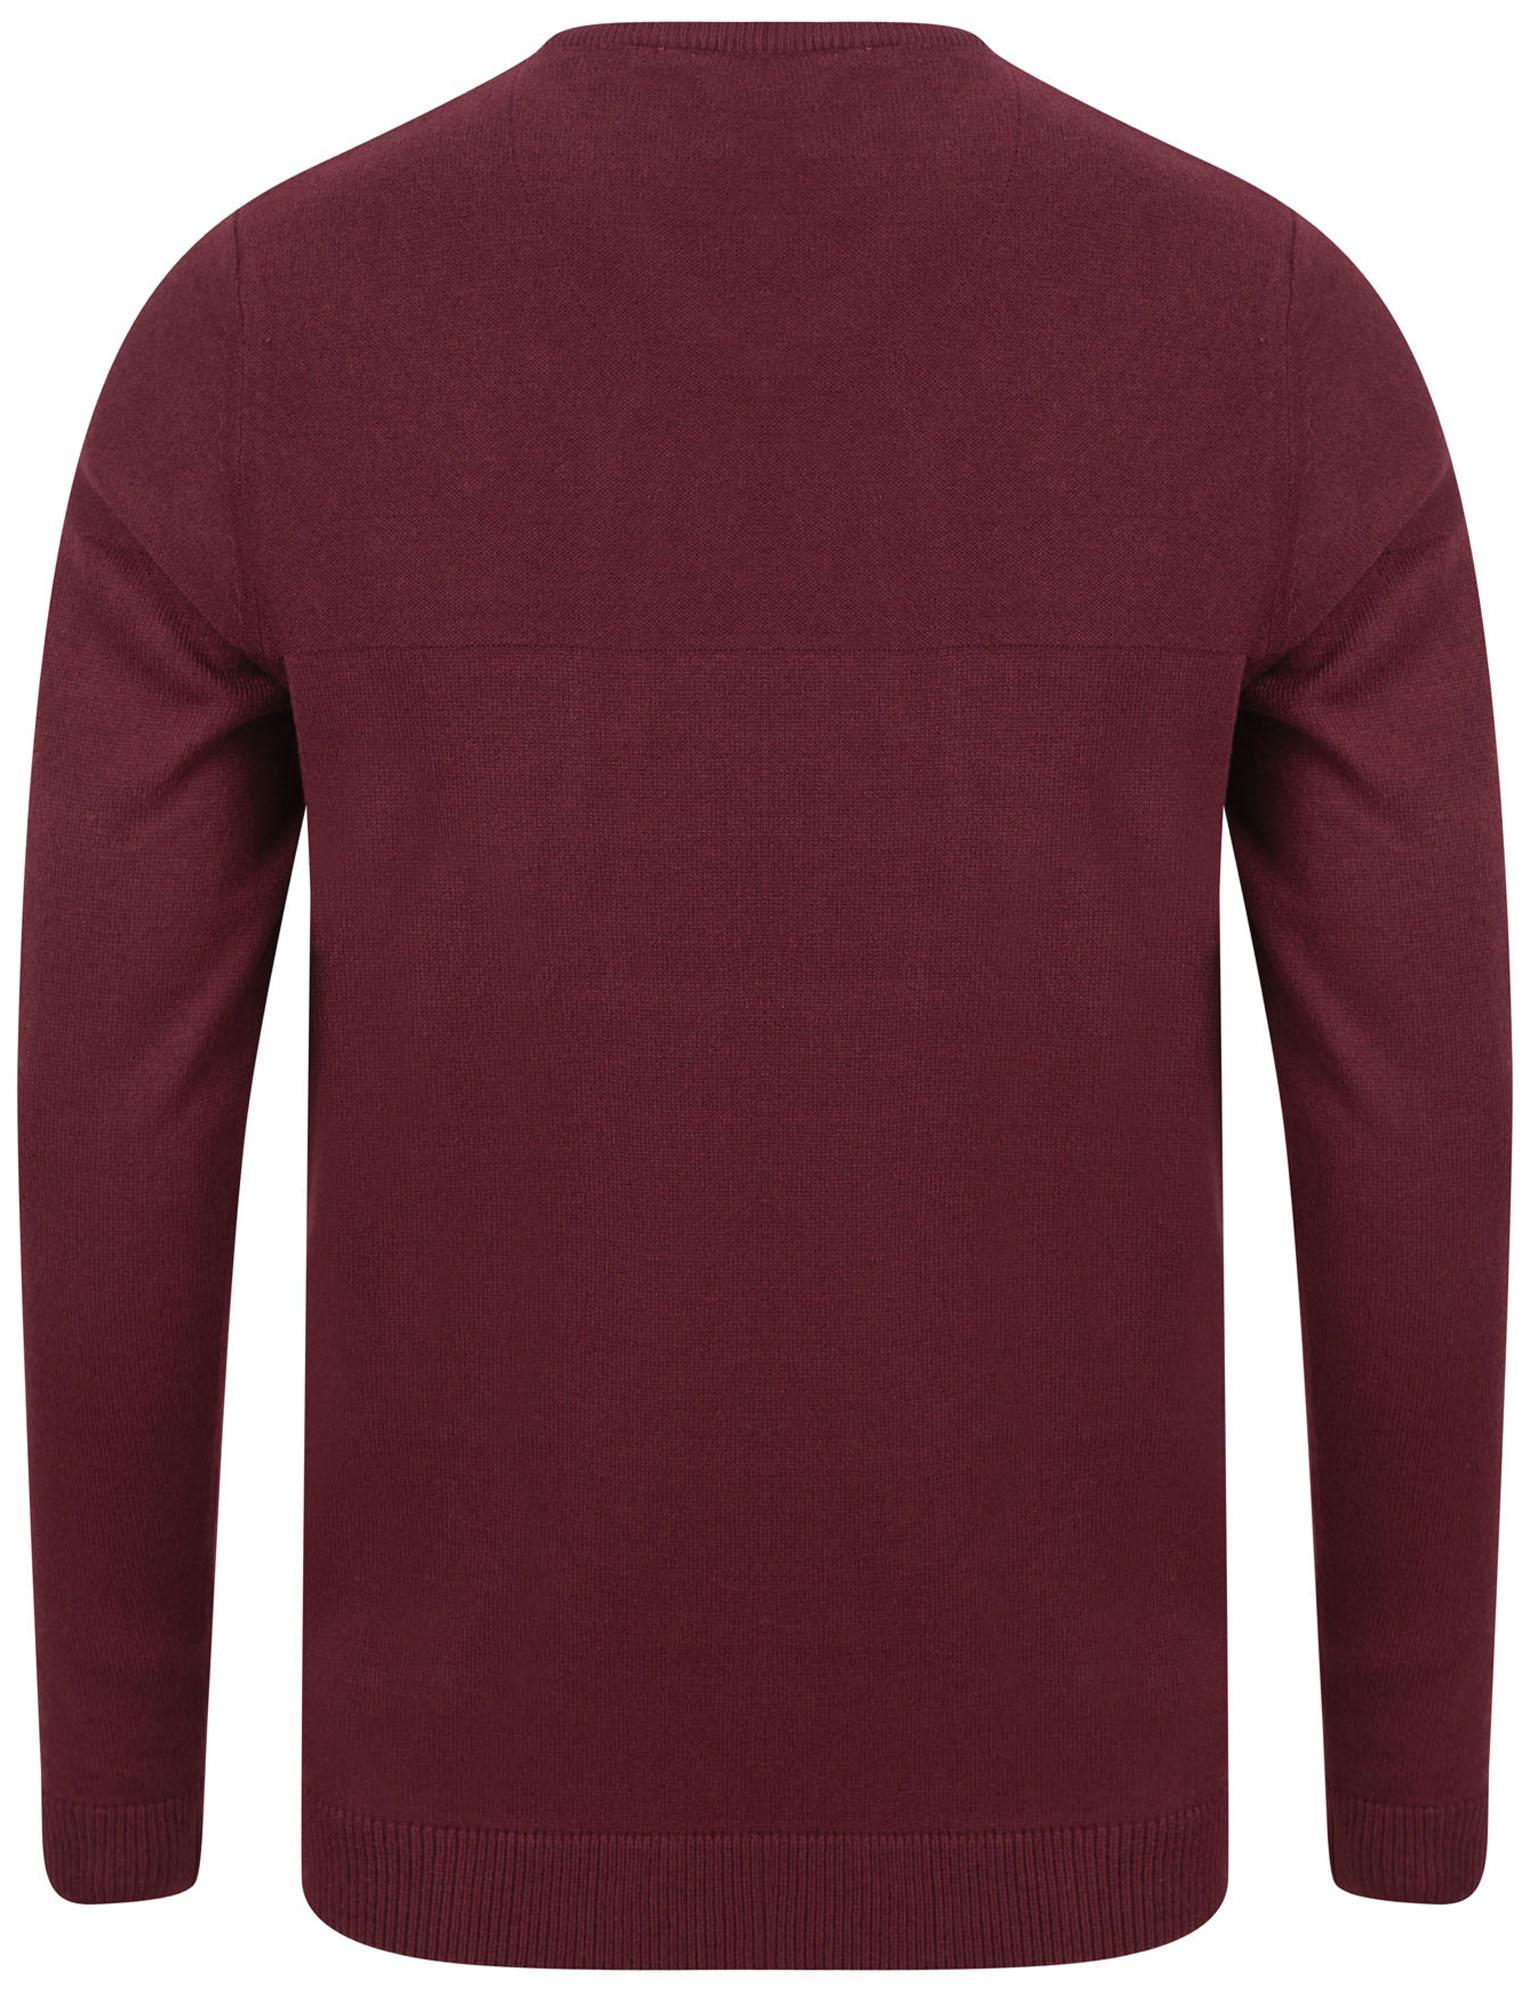 Kensington-Eastside-Men-039-s-Knitted-Crew-or-V-Neck-Jumper-Sweater-Top-Pullover thumbnail 54